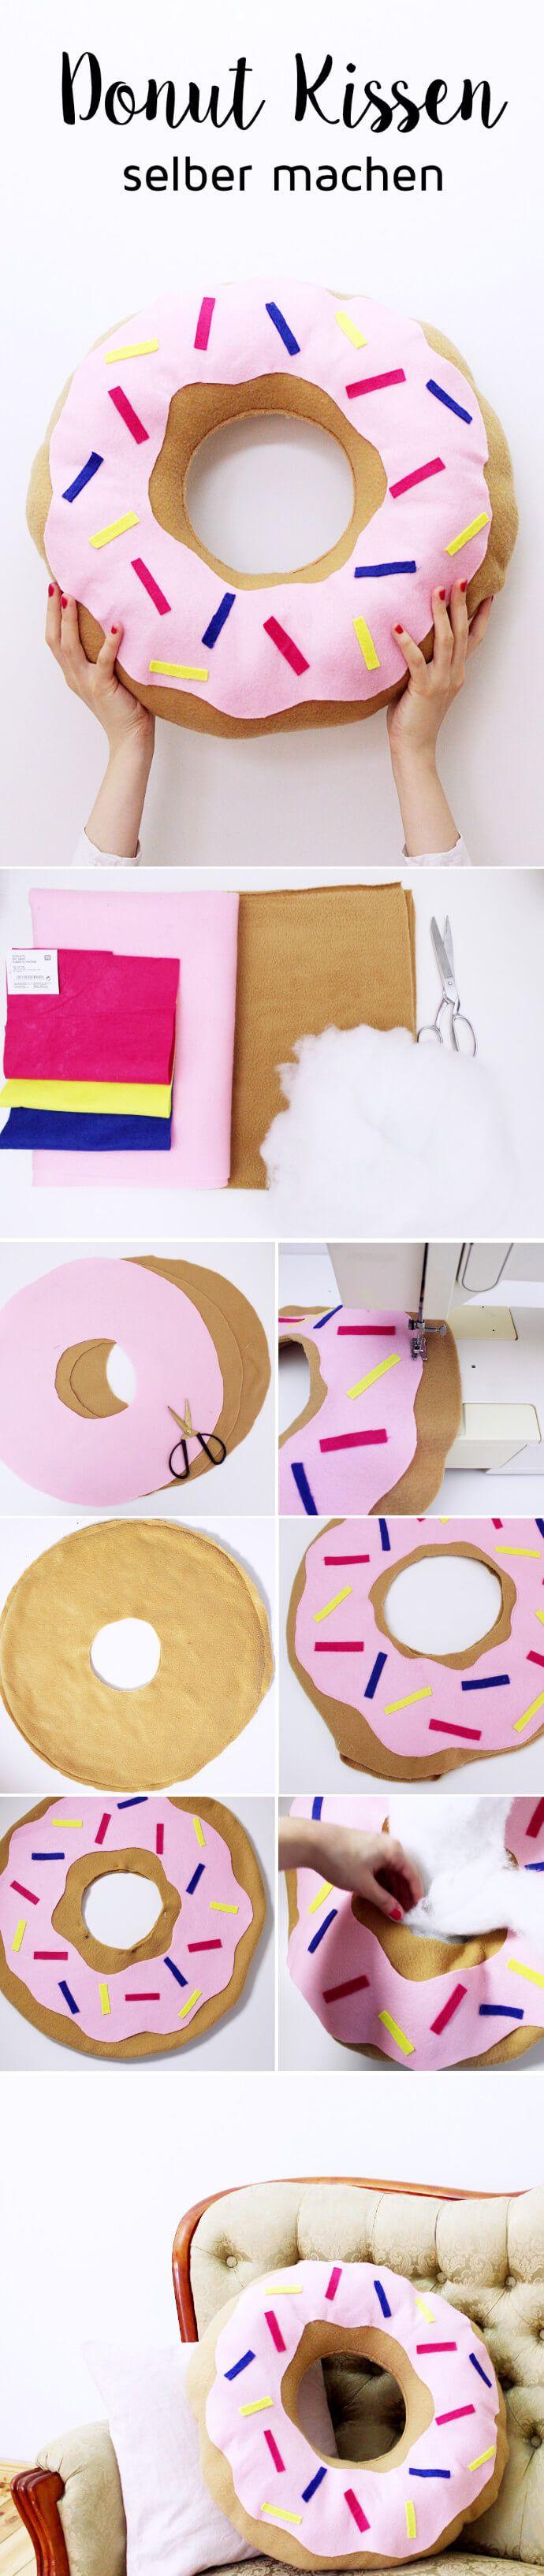 DIY Donut Kissen selber machen Variante mit und ohne